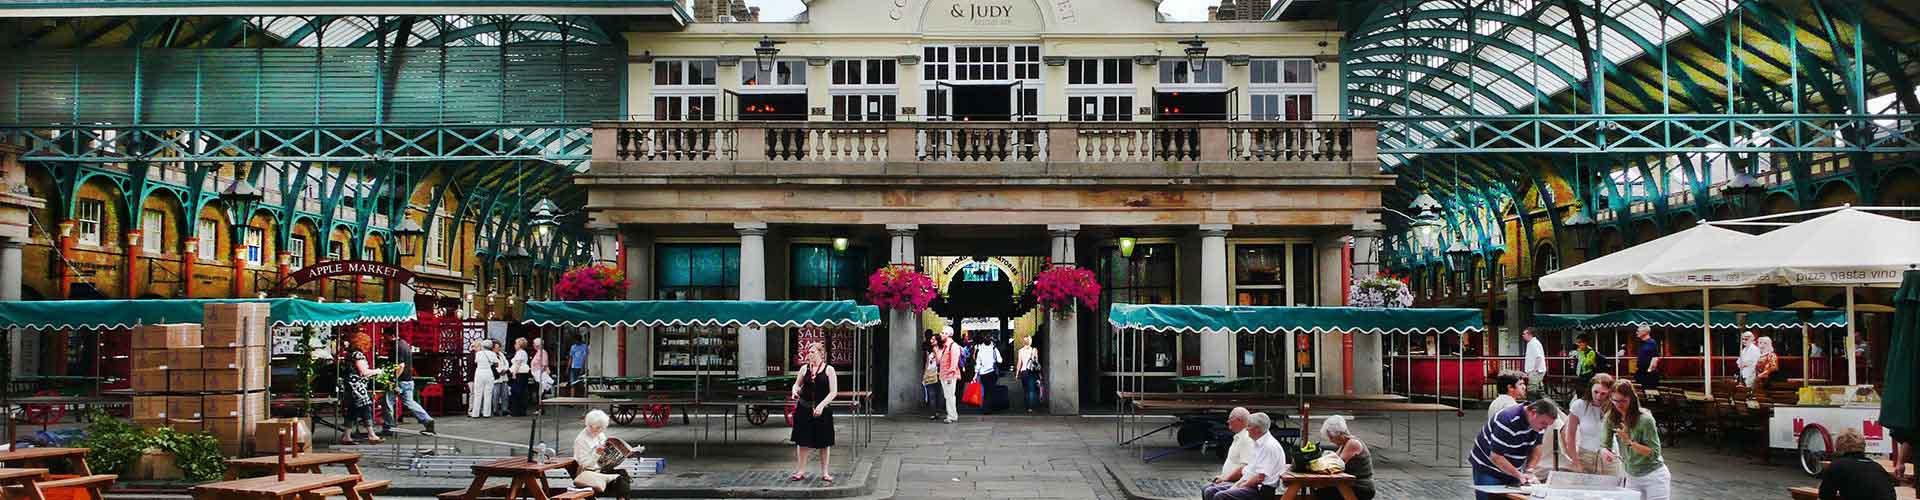 런던 - 코벤트 가든 광장에 가까운 호스텔. 런던의 지도, 런던에 위치한 호스텔에 대한 사진 및 리뷰.